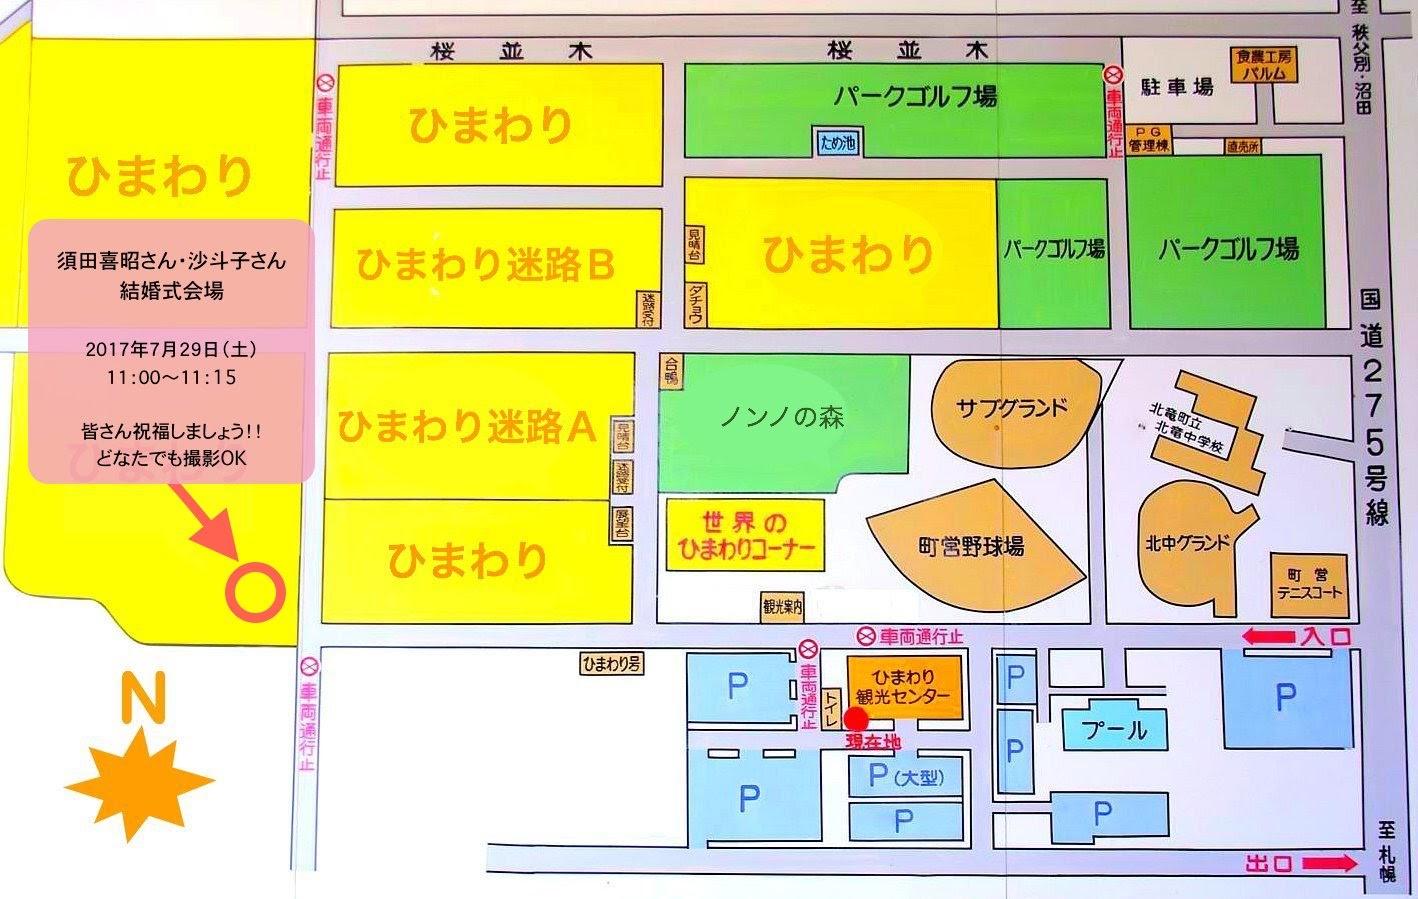 須田喜昭さん・沙斗子さん bひまわりの里結婚式場